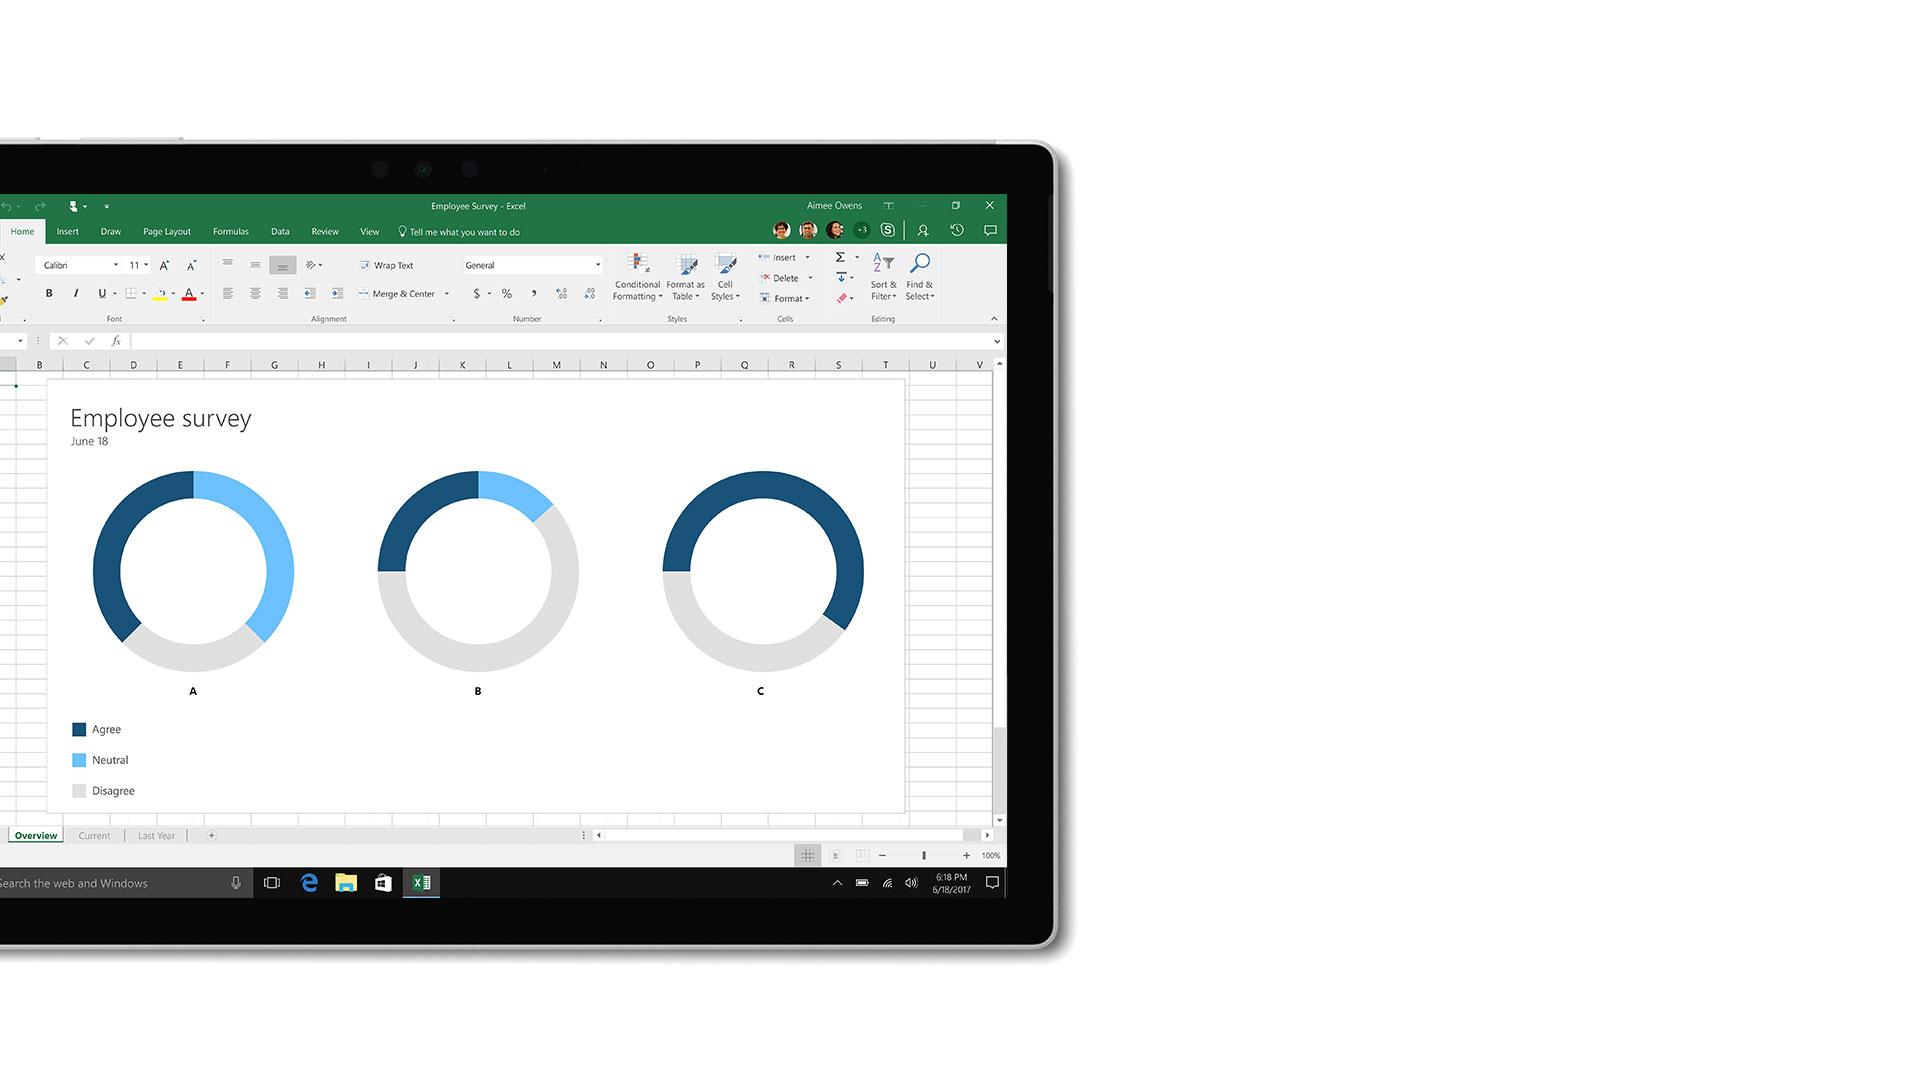 Billede af brugergrænseflade i Microsoft Excel